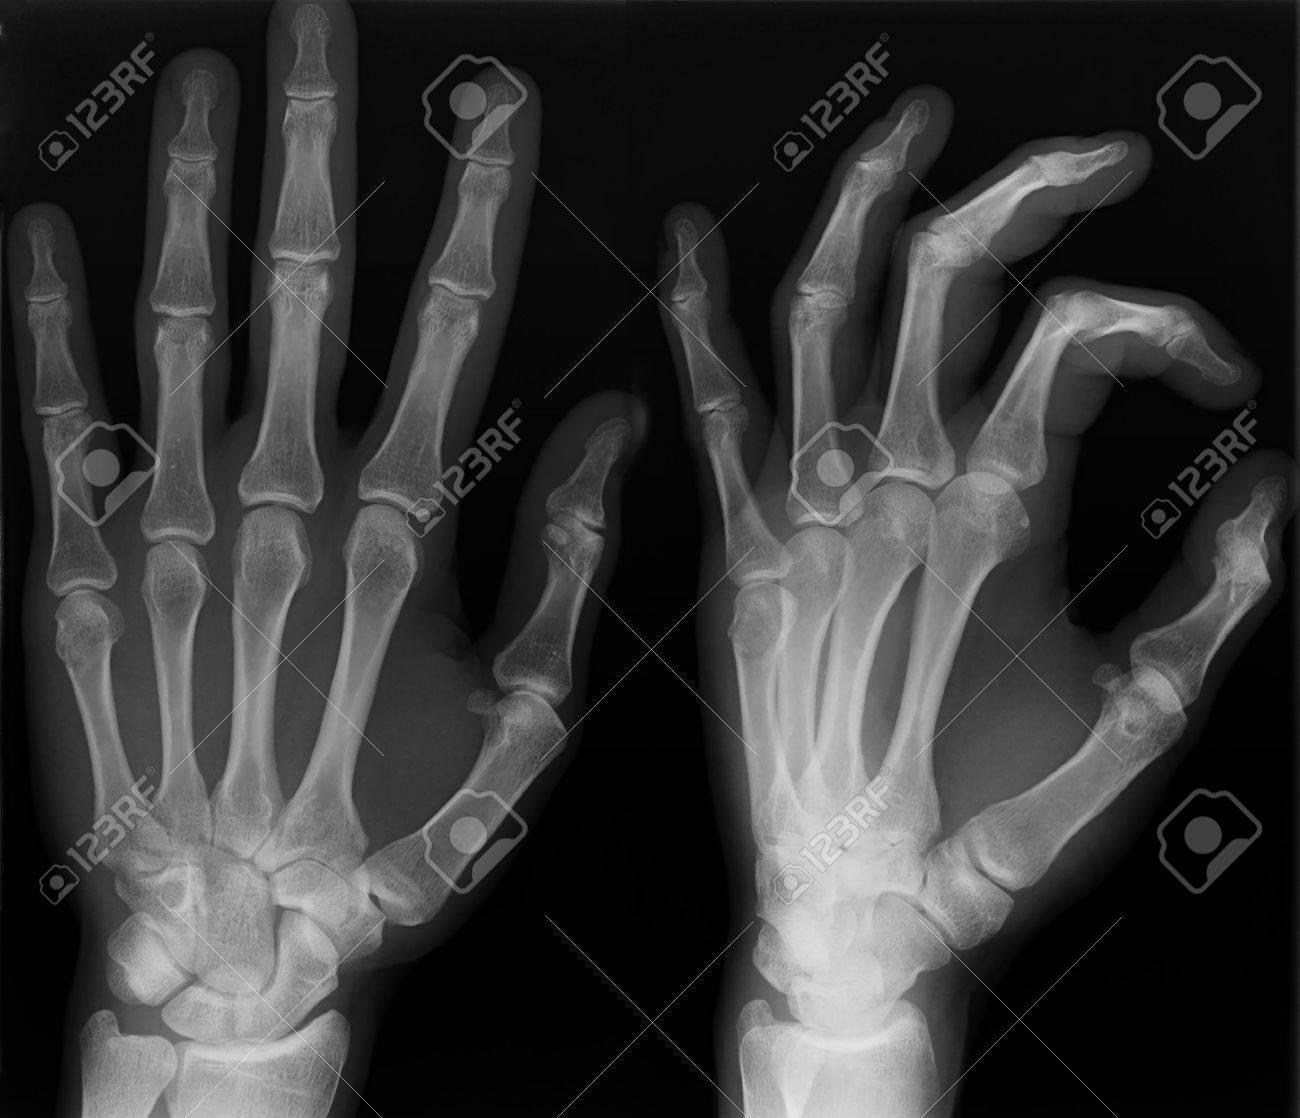 radiografía de la mano izquierda disparar en dos versiones fotos